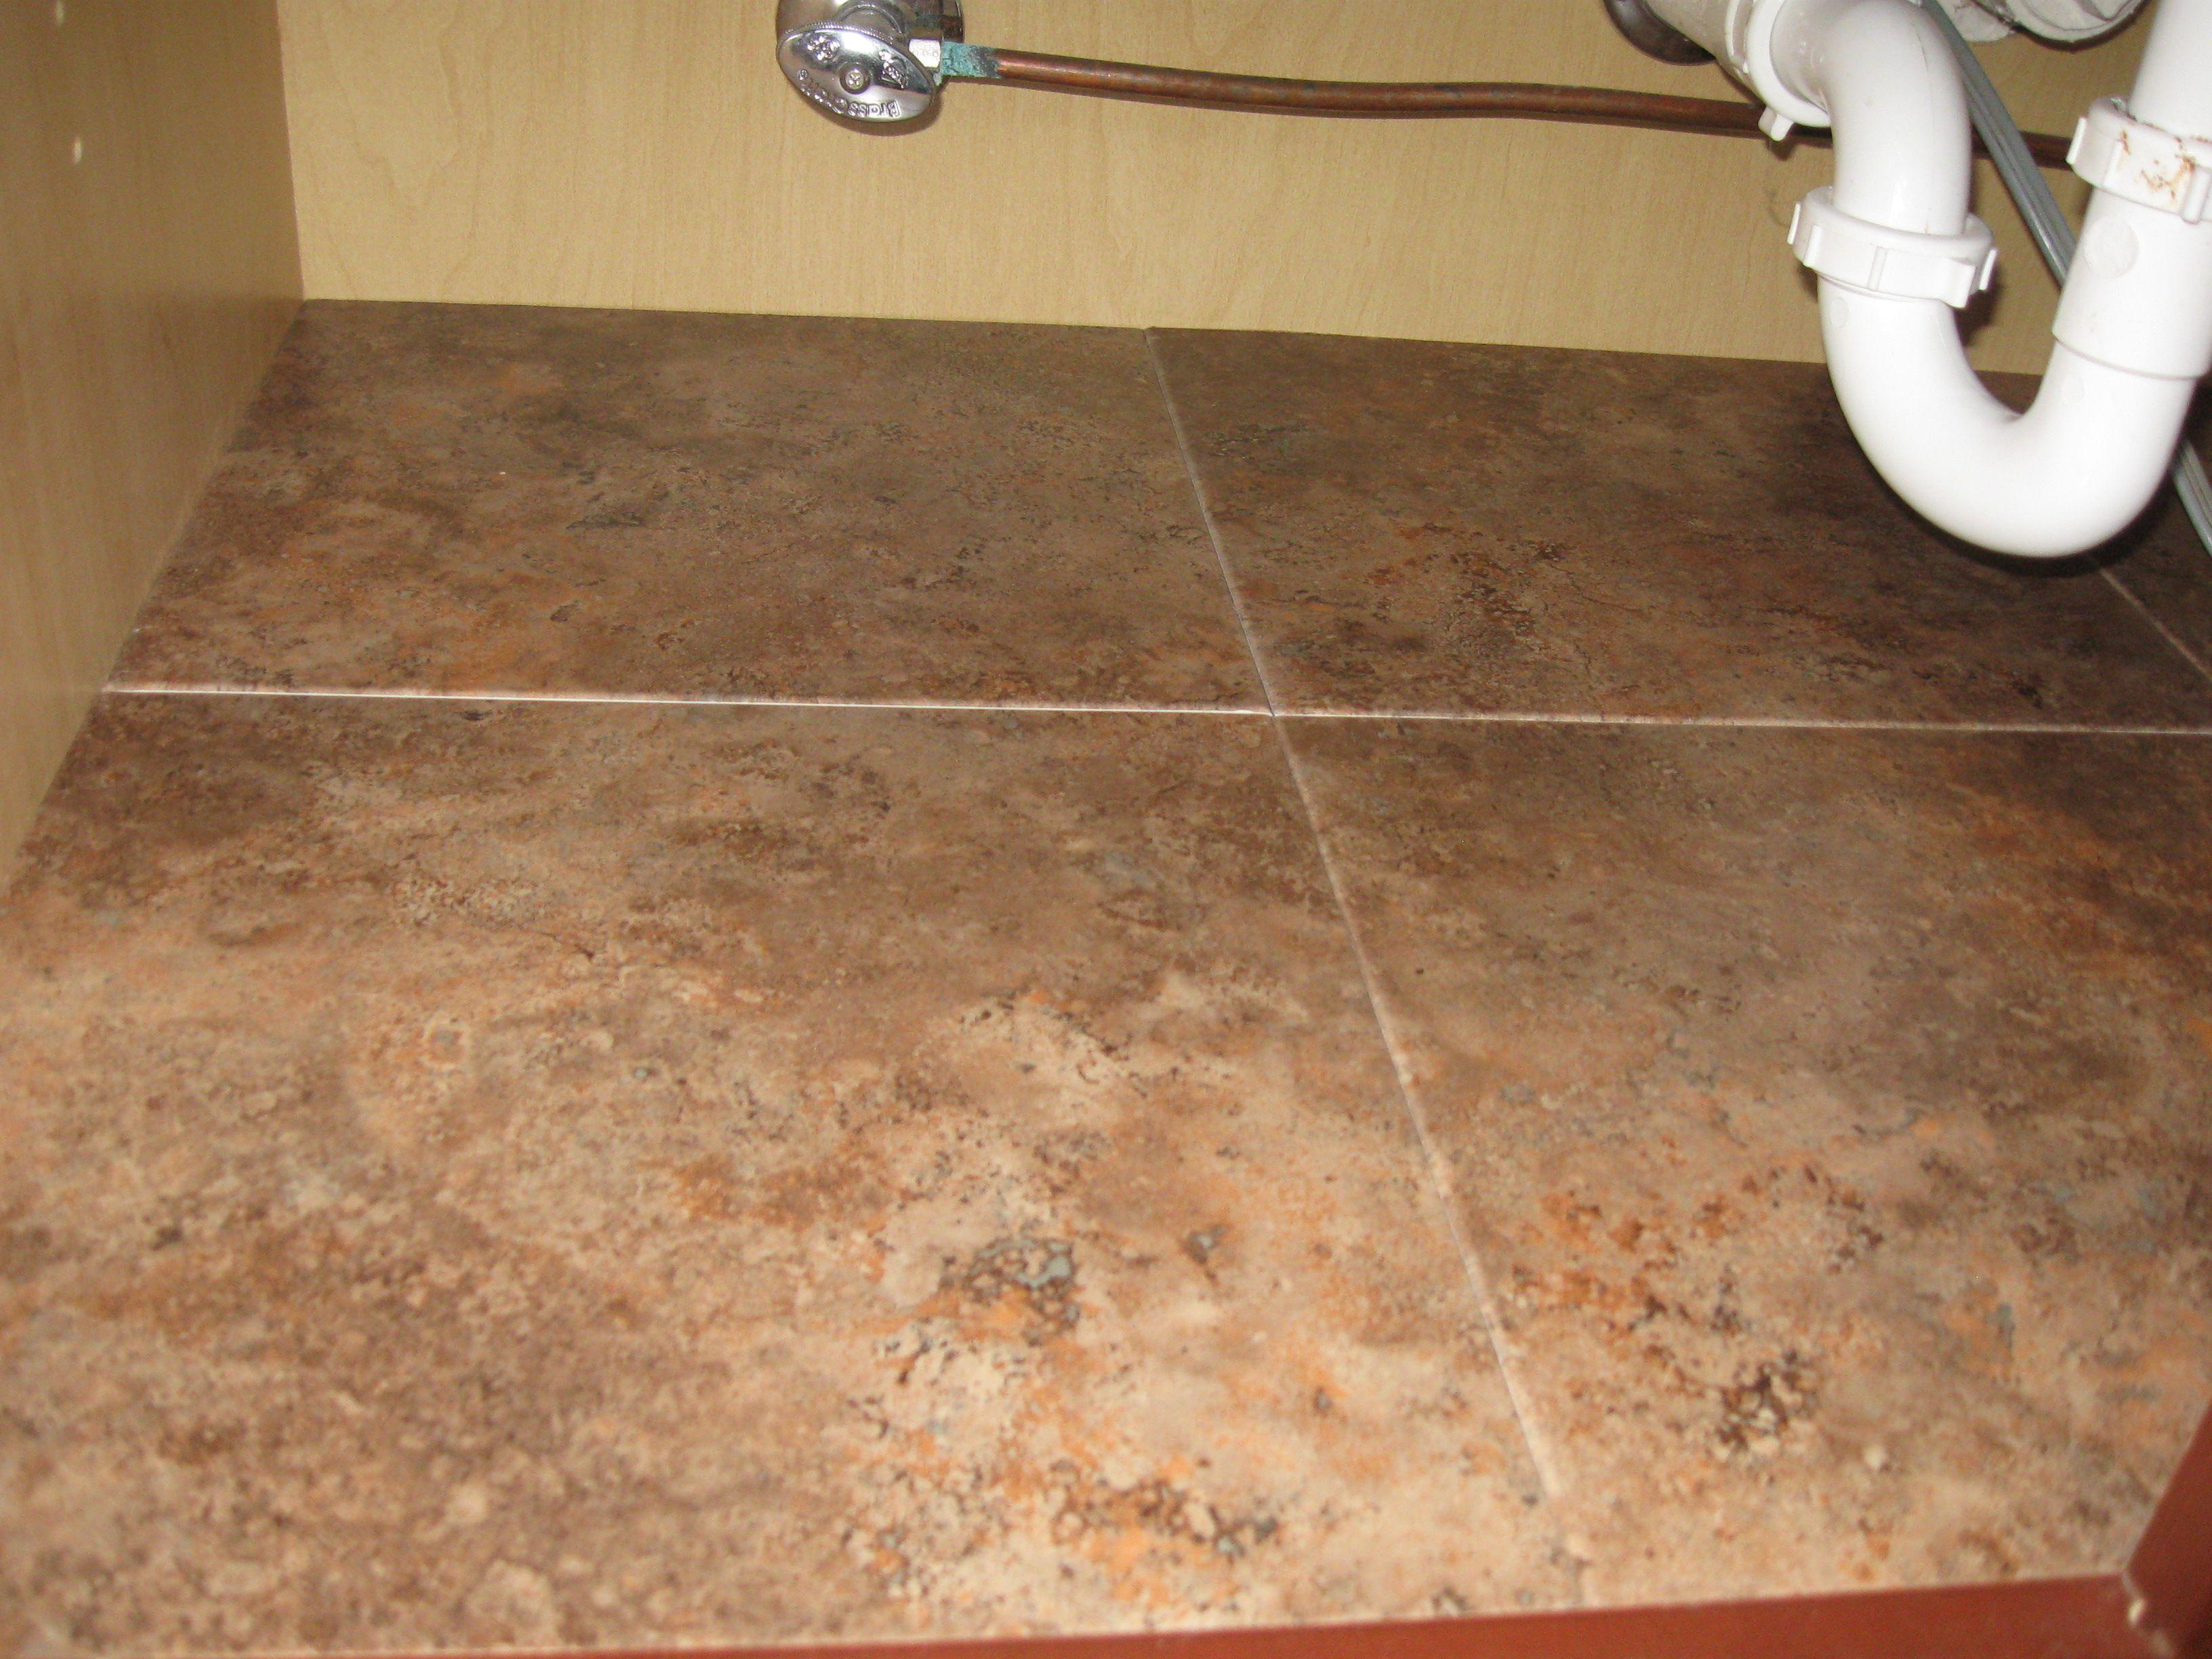 les 25 meilleures id es de la cat gorie organisation de lavabo sur pinterest rangement lavabo. Black Bedroom Furniture Sets. Home Design Ideas